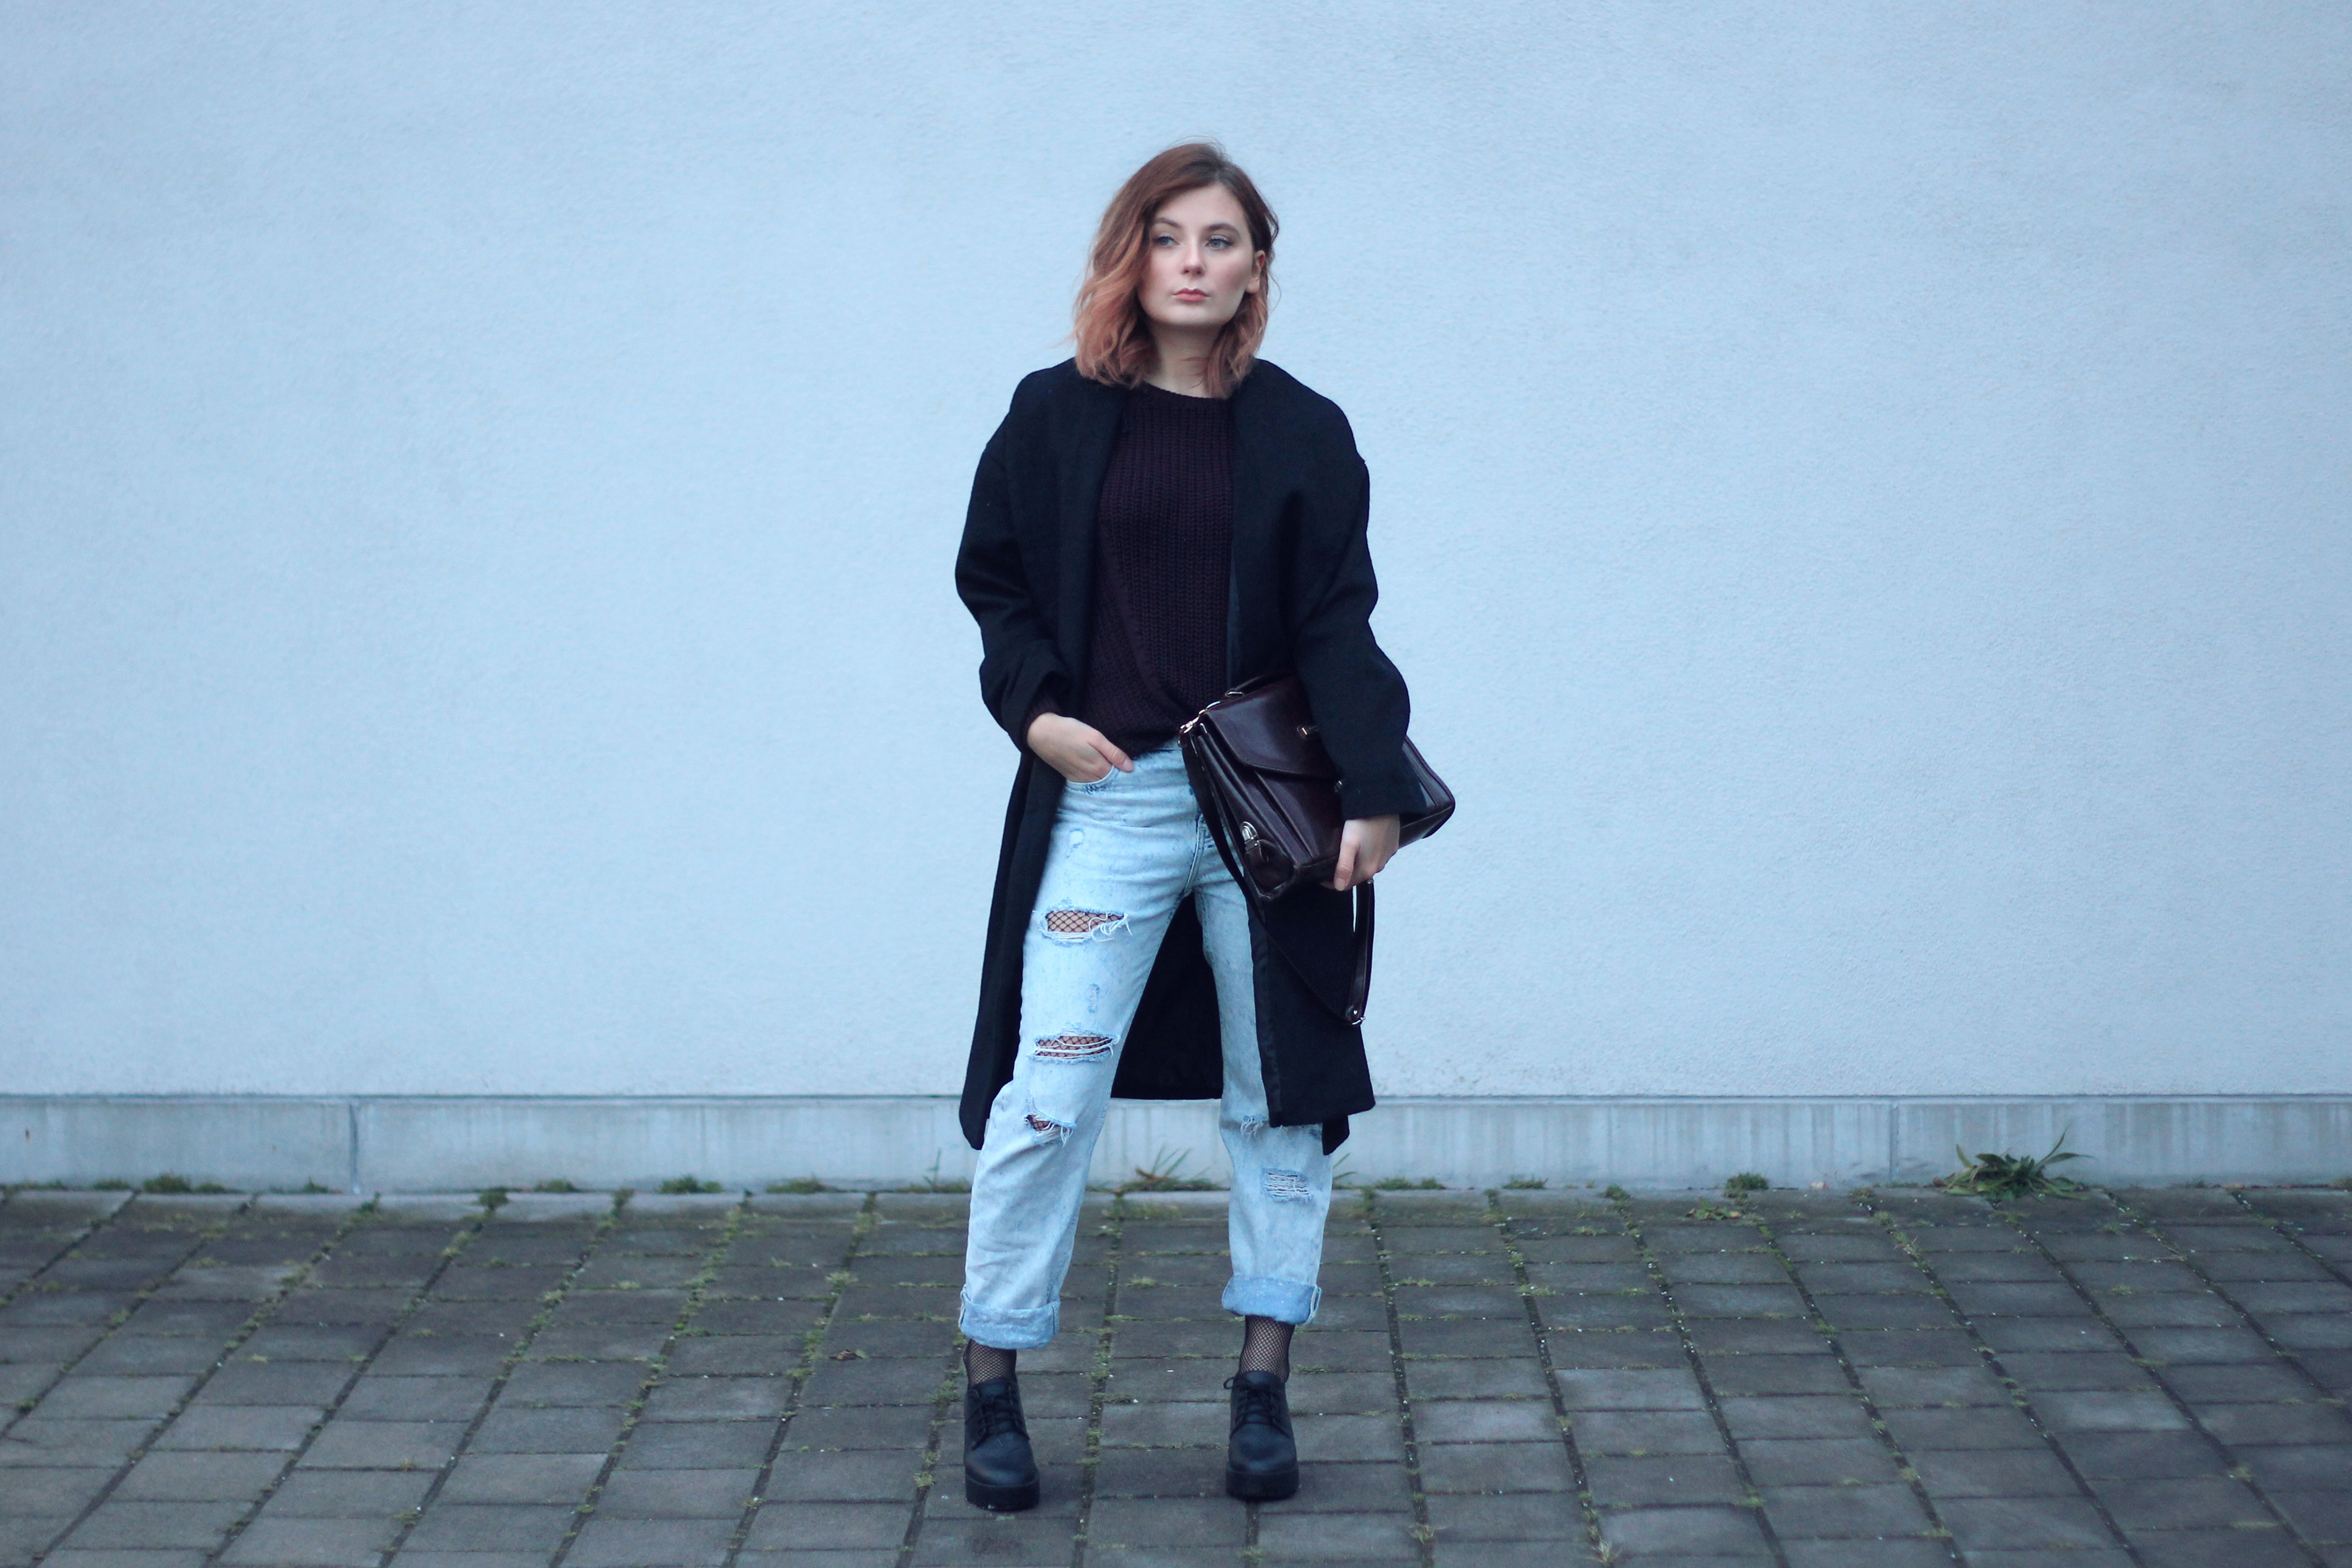 Netzstrumpfhosen Trend Outfit Boyfriend Jeans Coat outfit fashionblog modeblog fashionblogger instagram